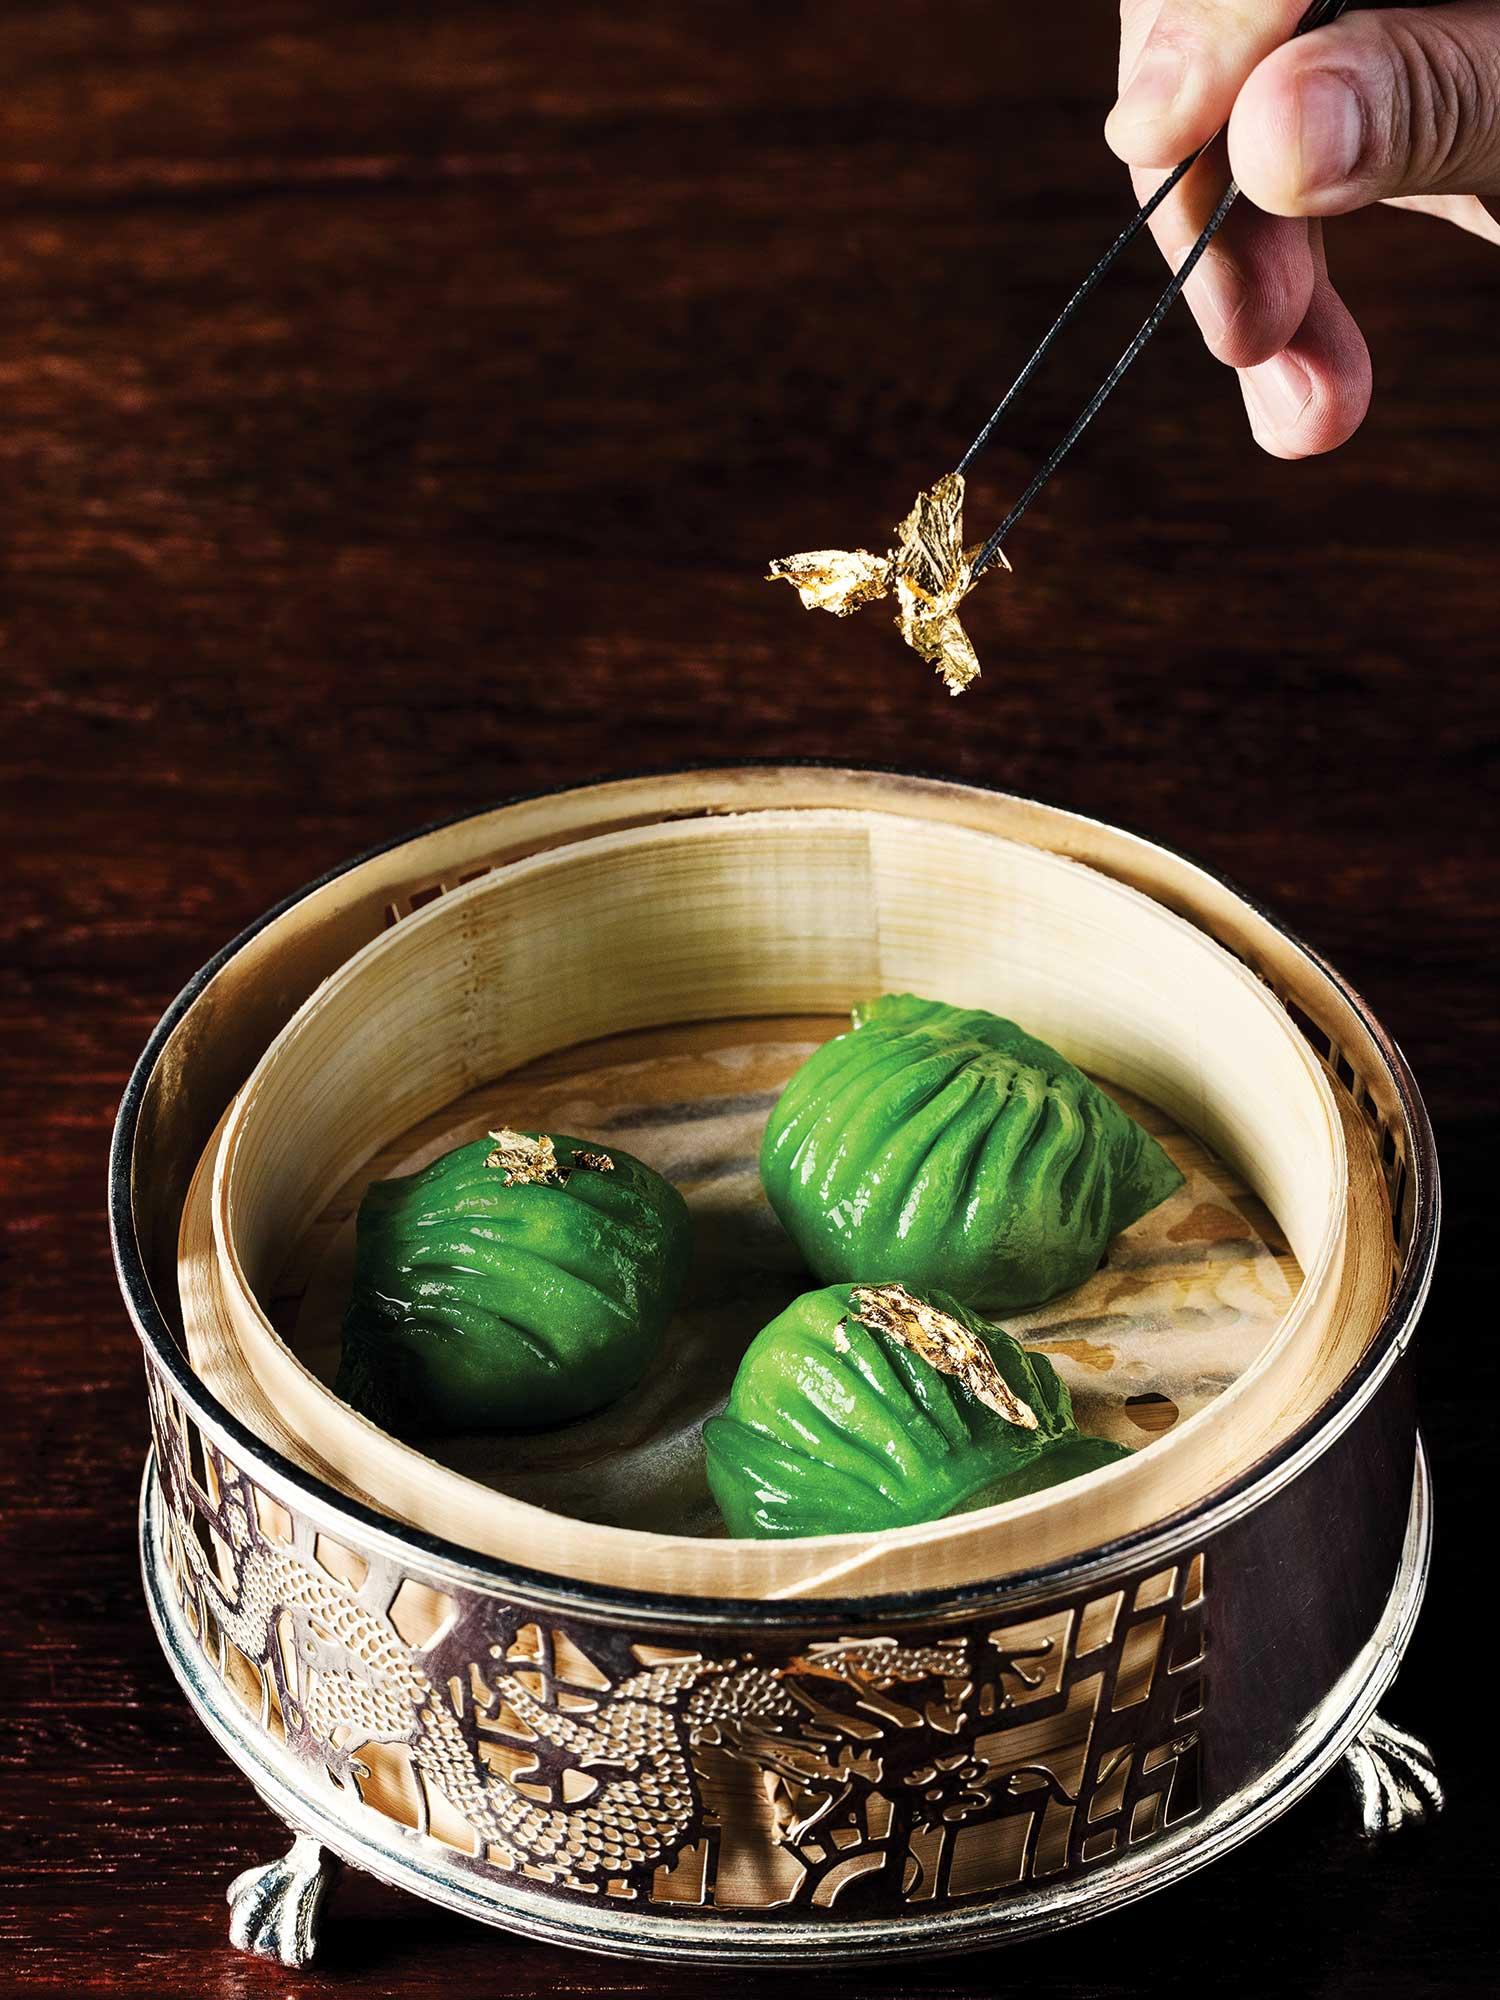 Dumplings from Jade Dragon.